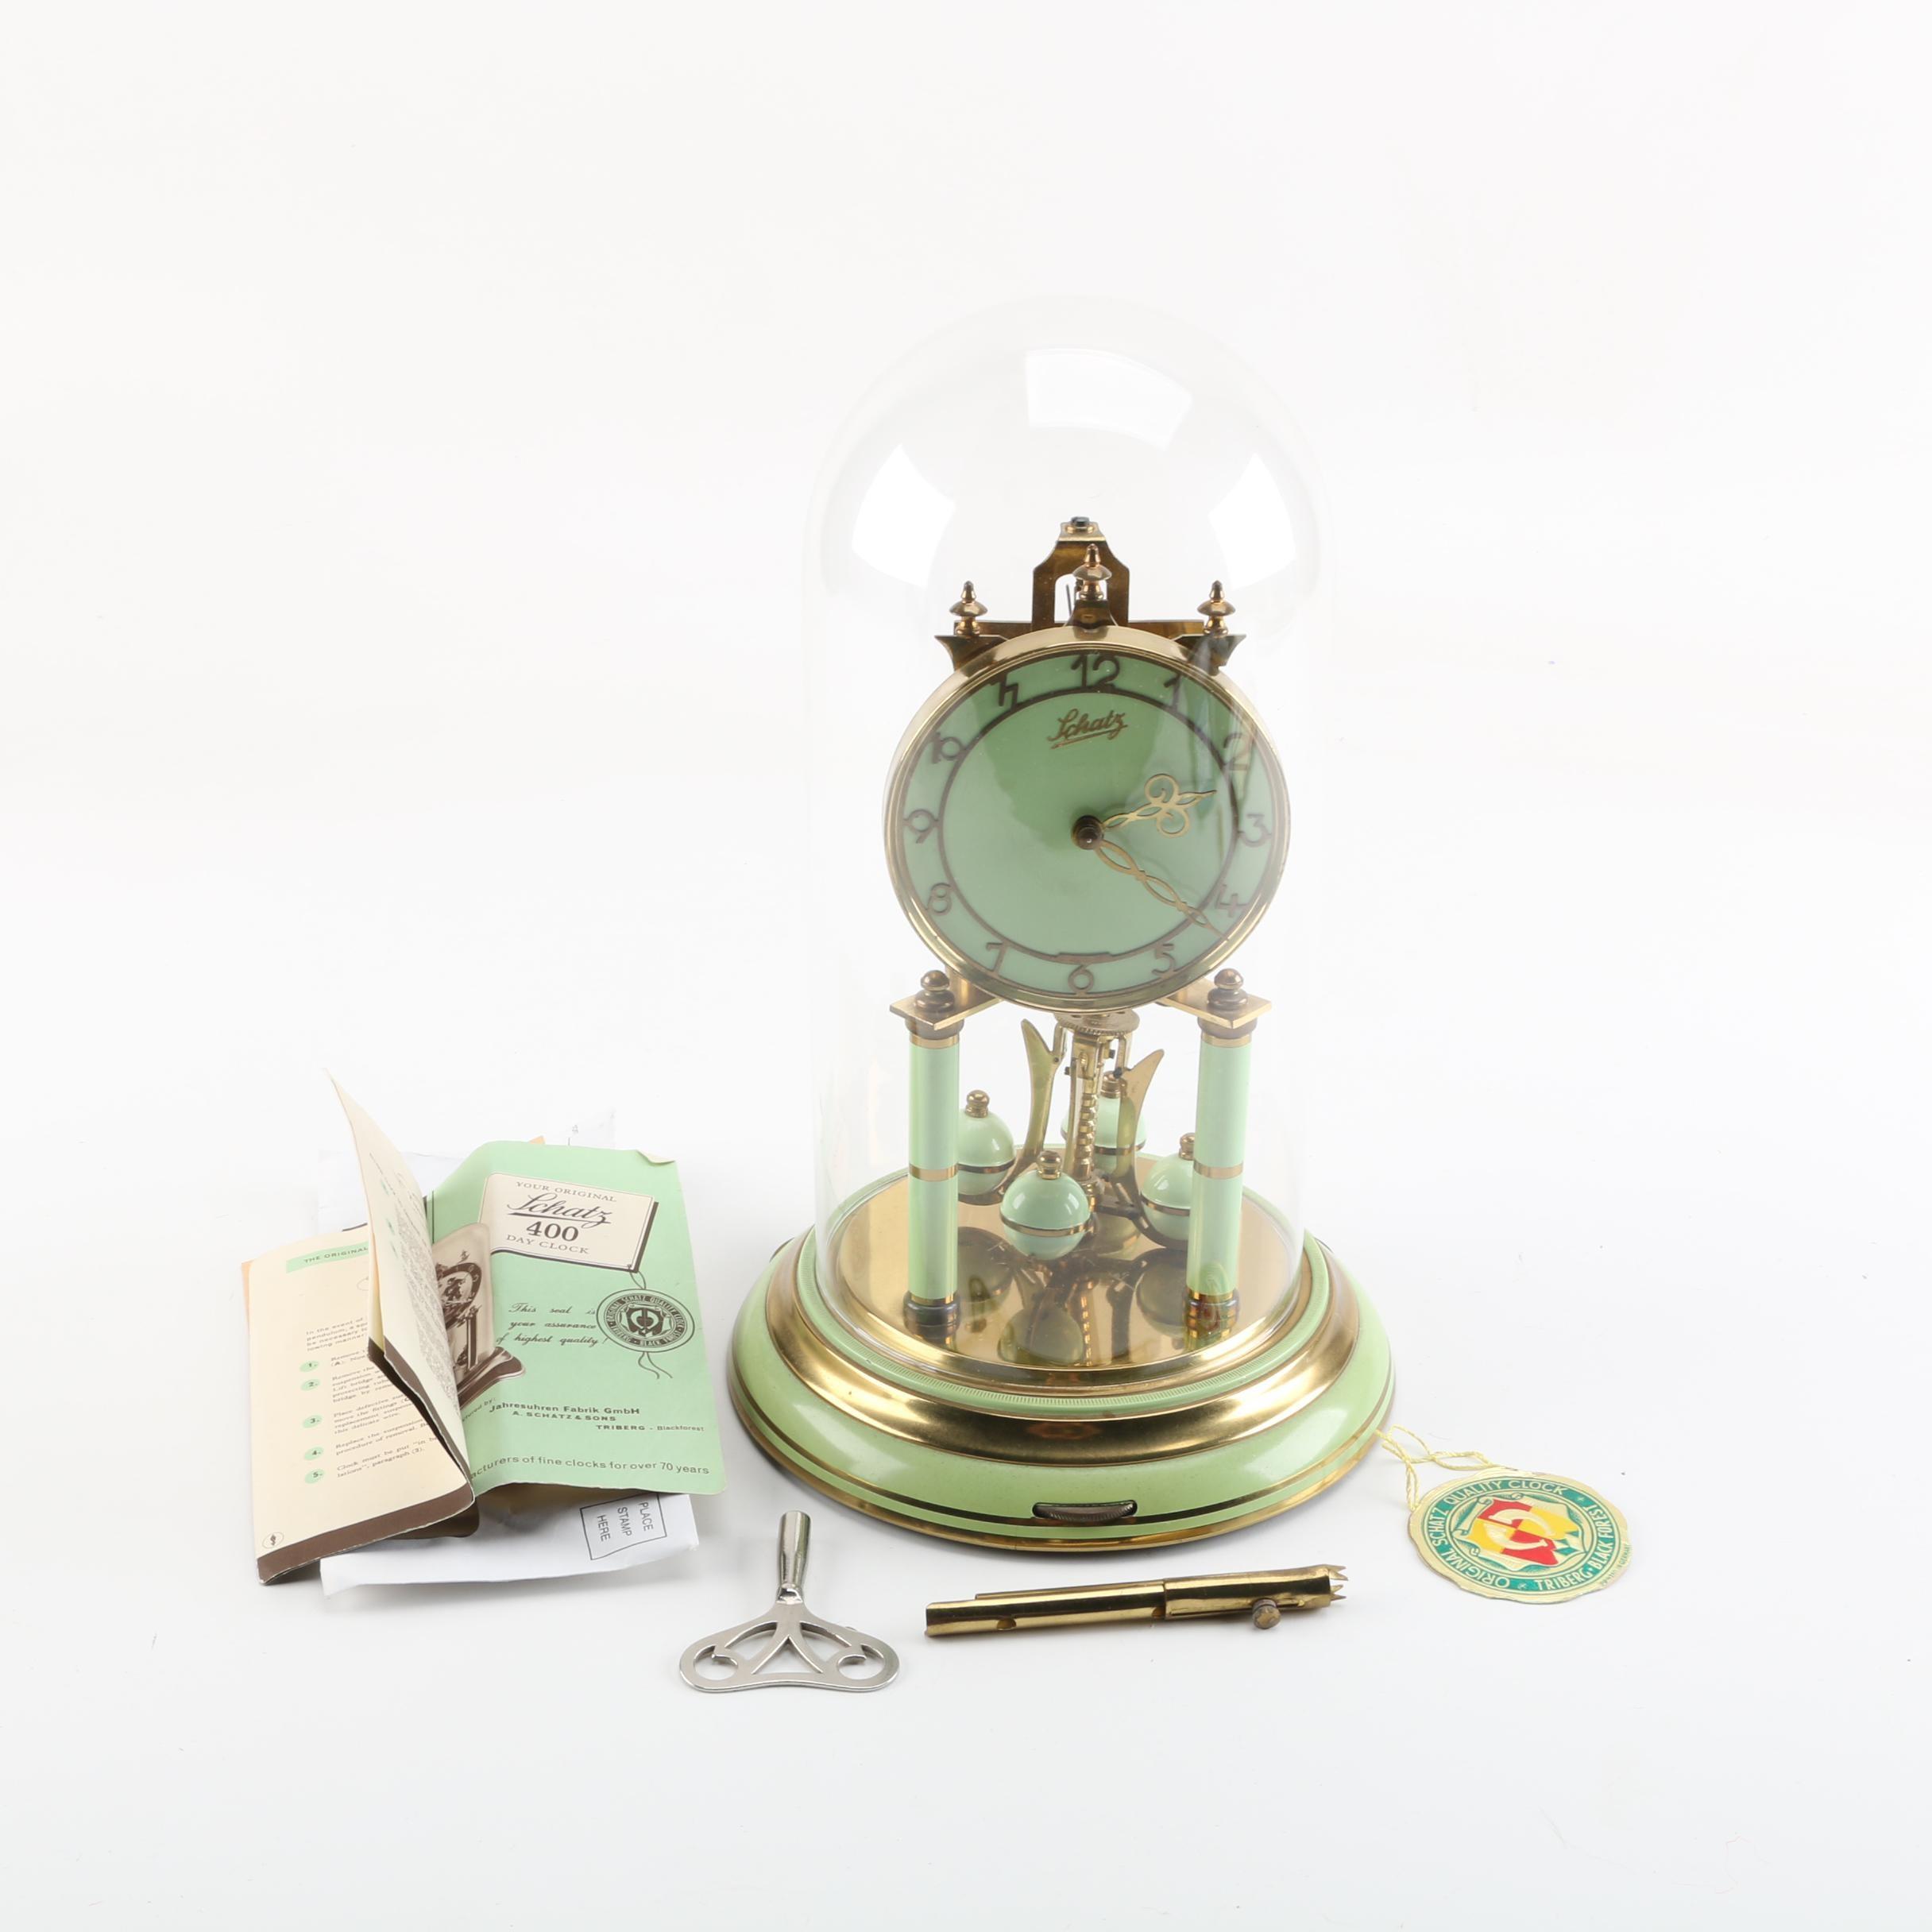 Schatz German Black Forest Anniversary Clock